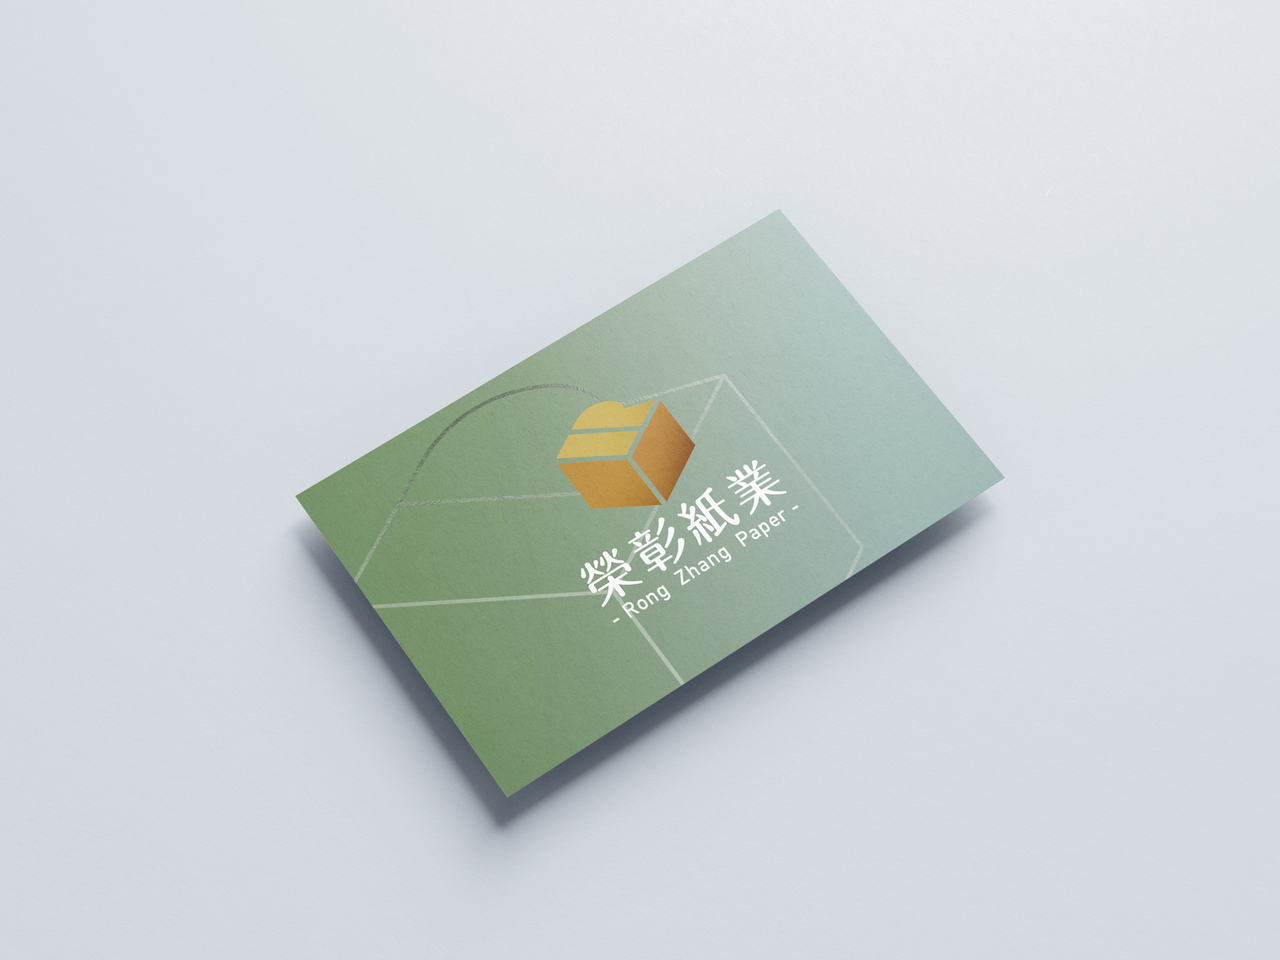 榮彰紙業 | 商標、名片設計